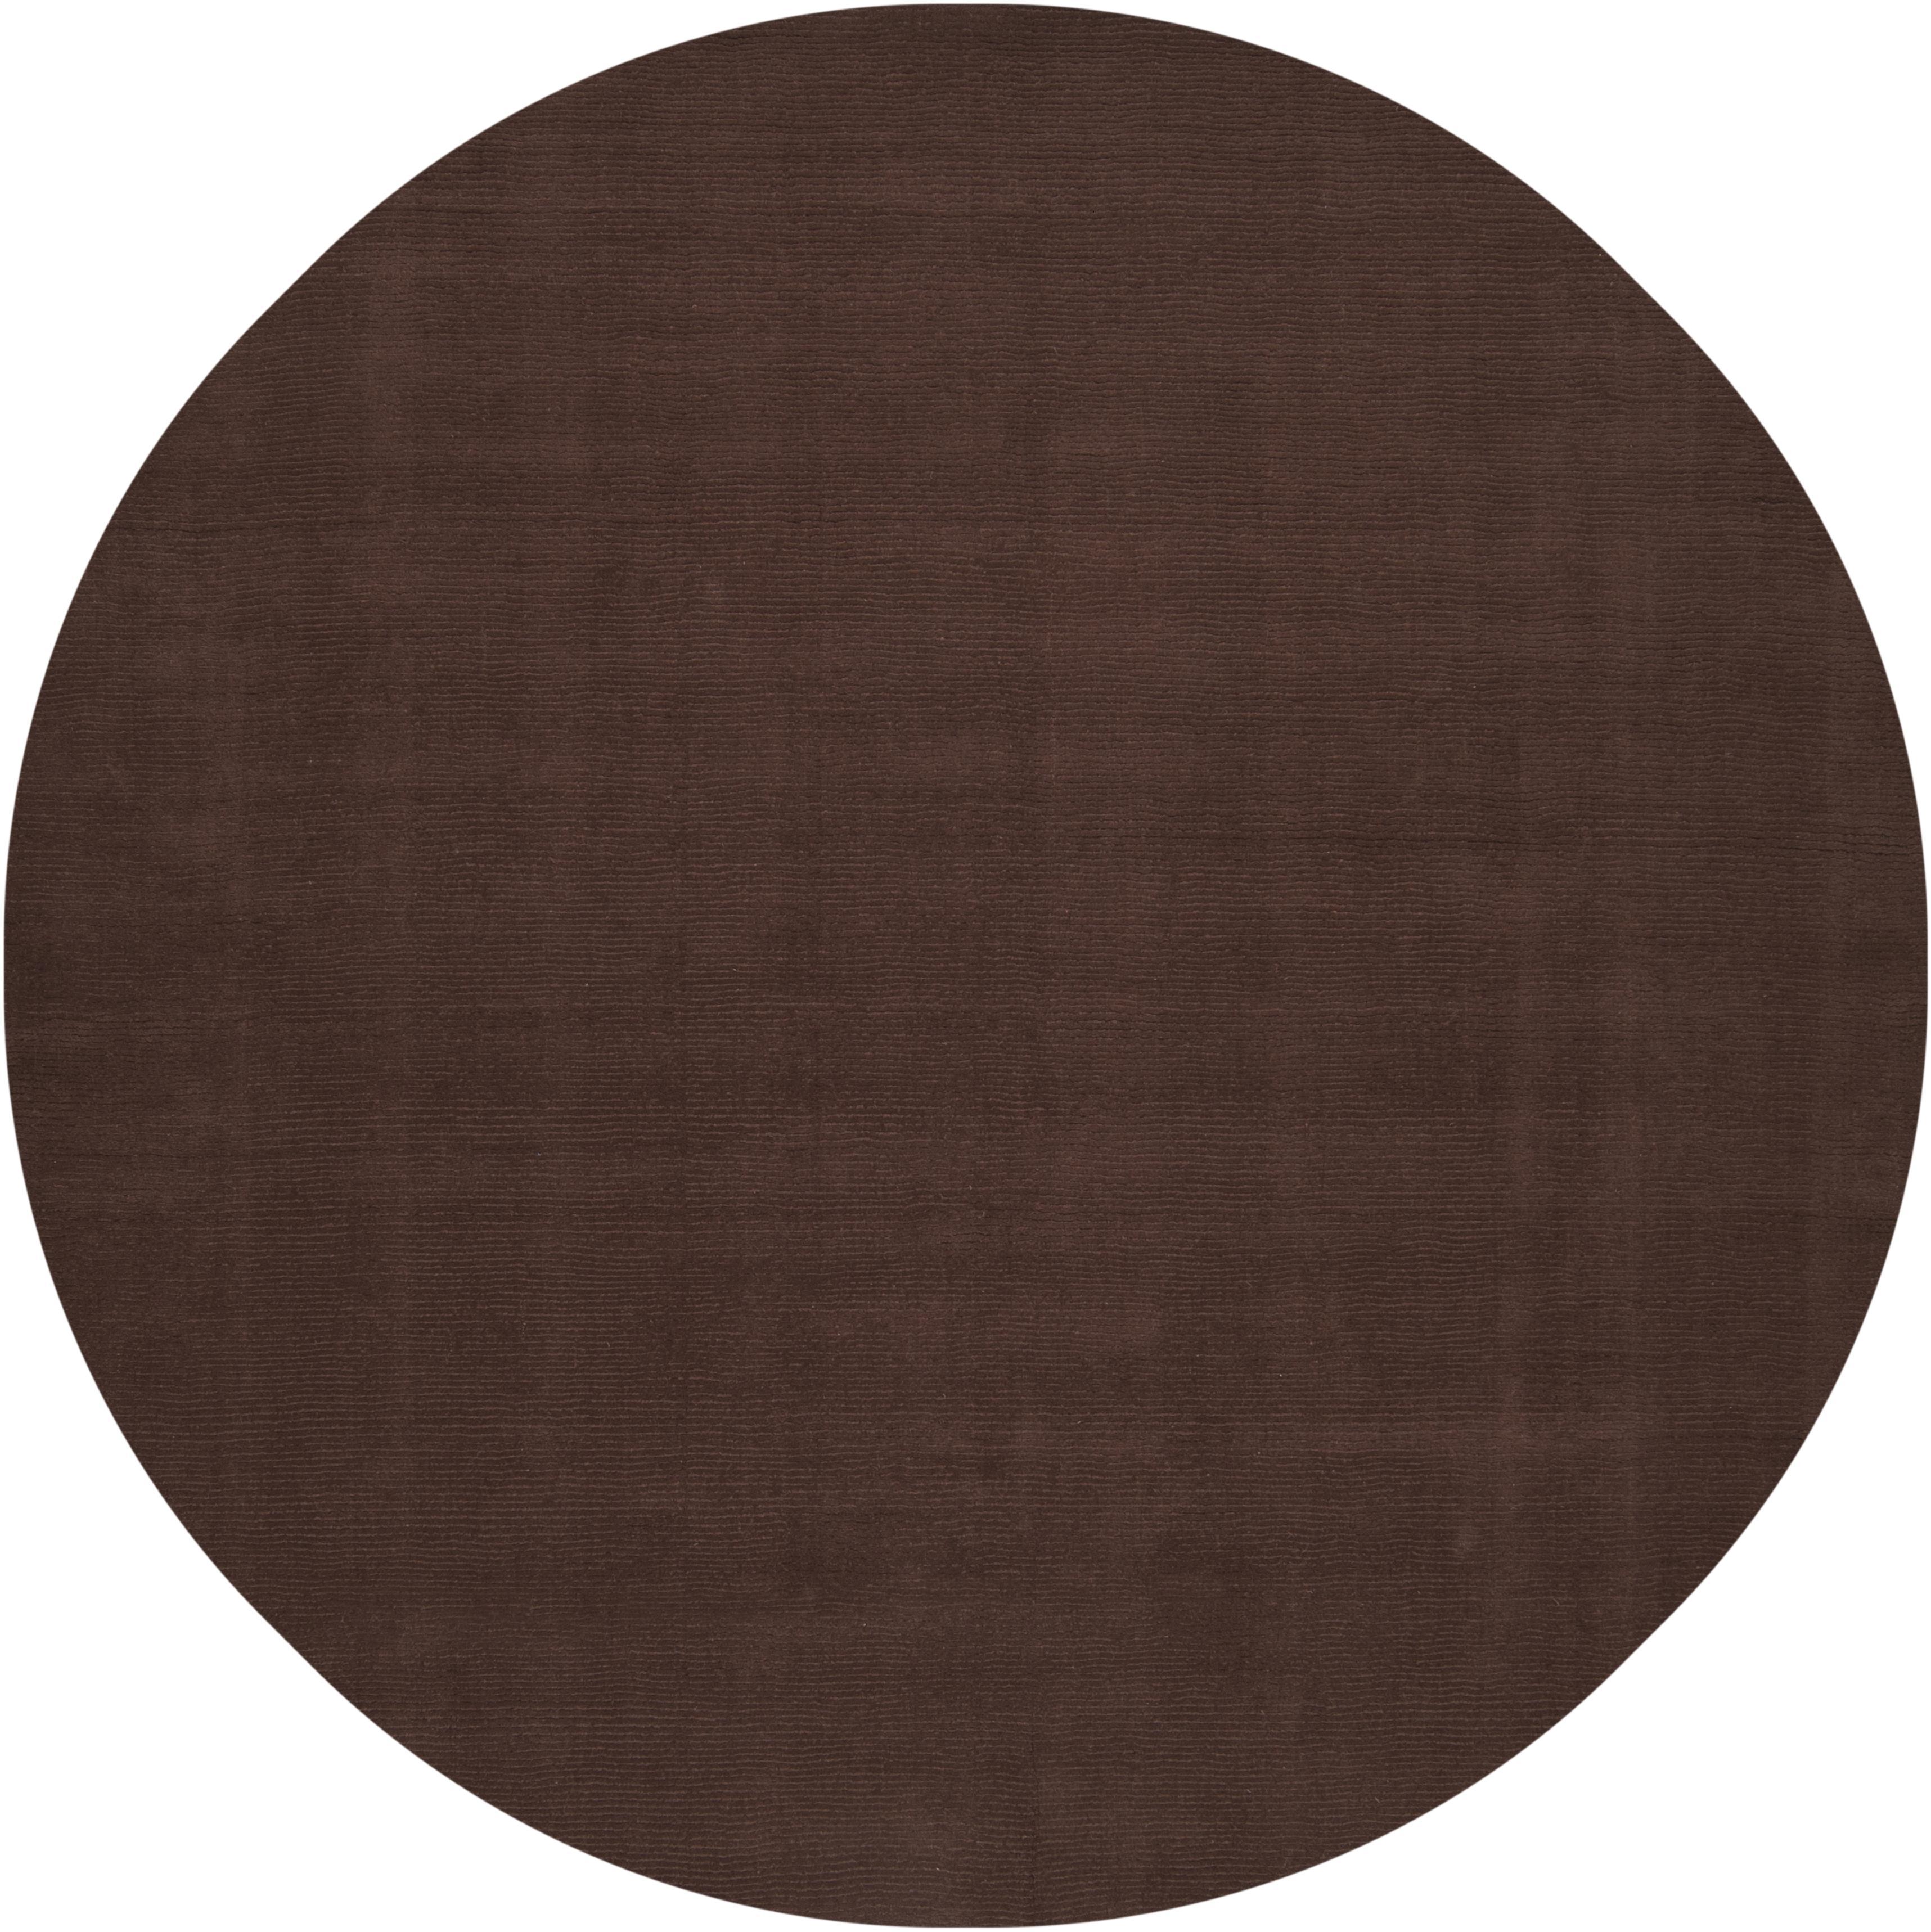 Surya Mystique 8' Round - Item Number: M334-8RD